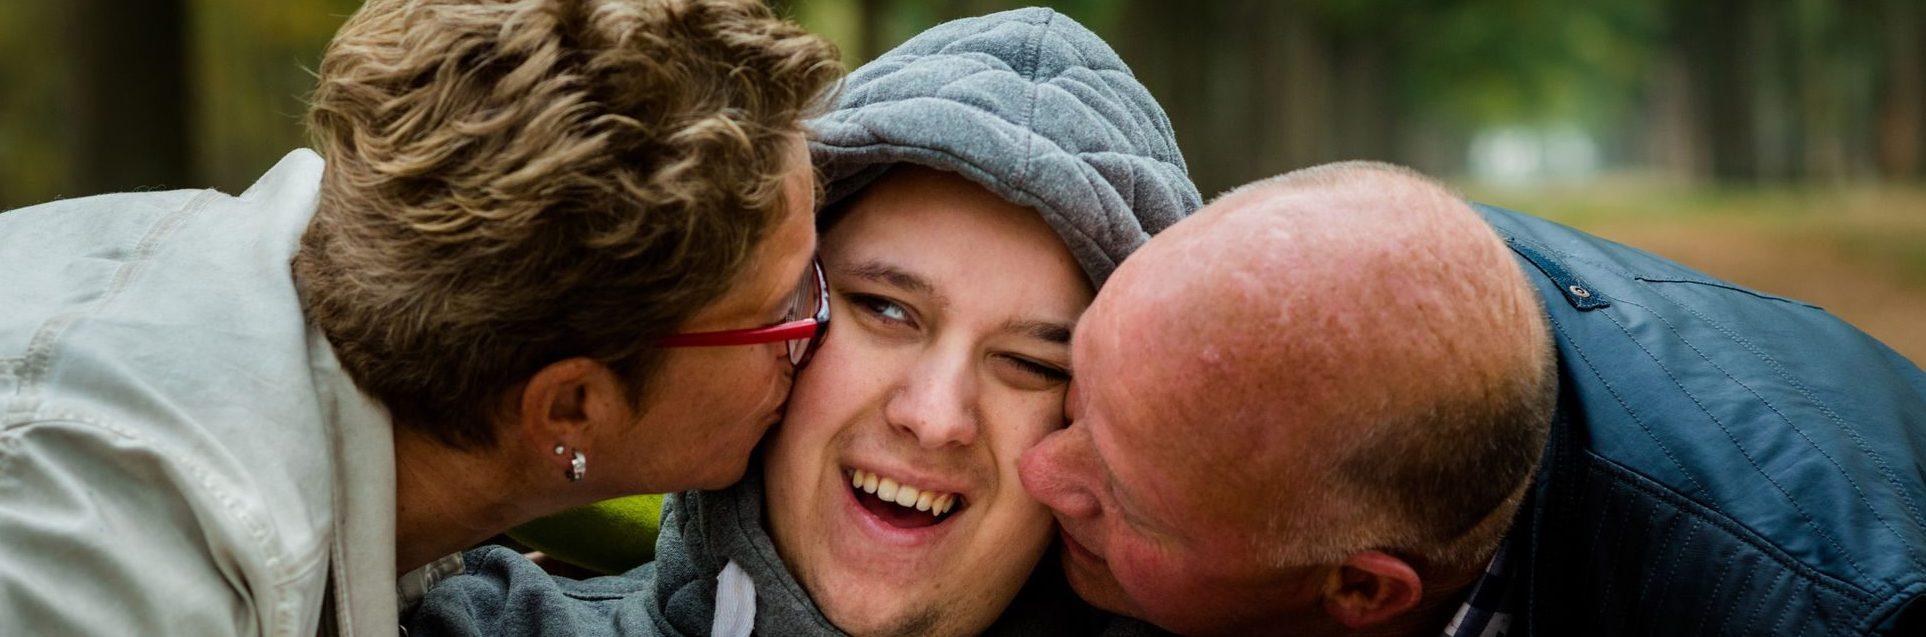 Ouders die kind kus geven